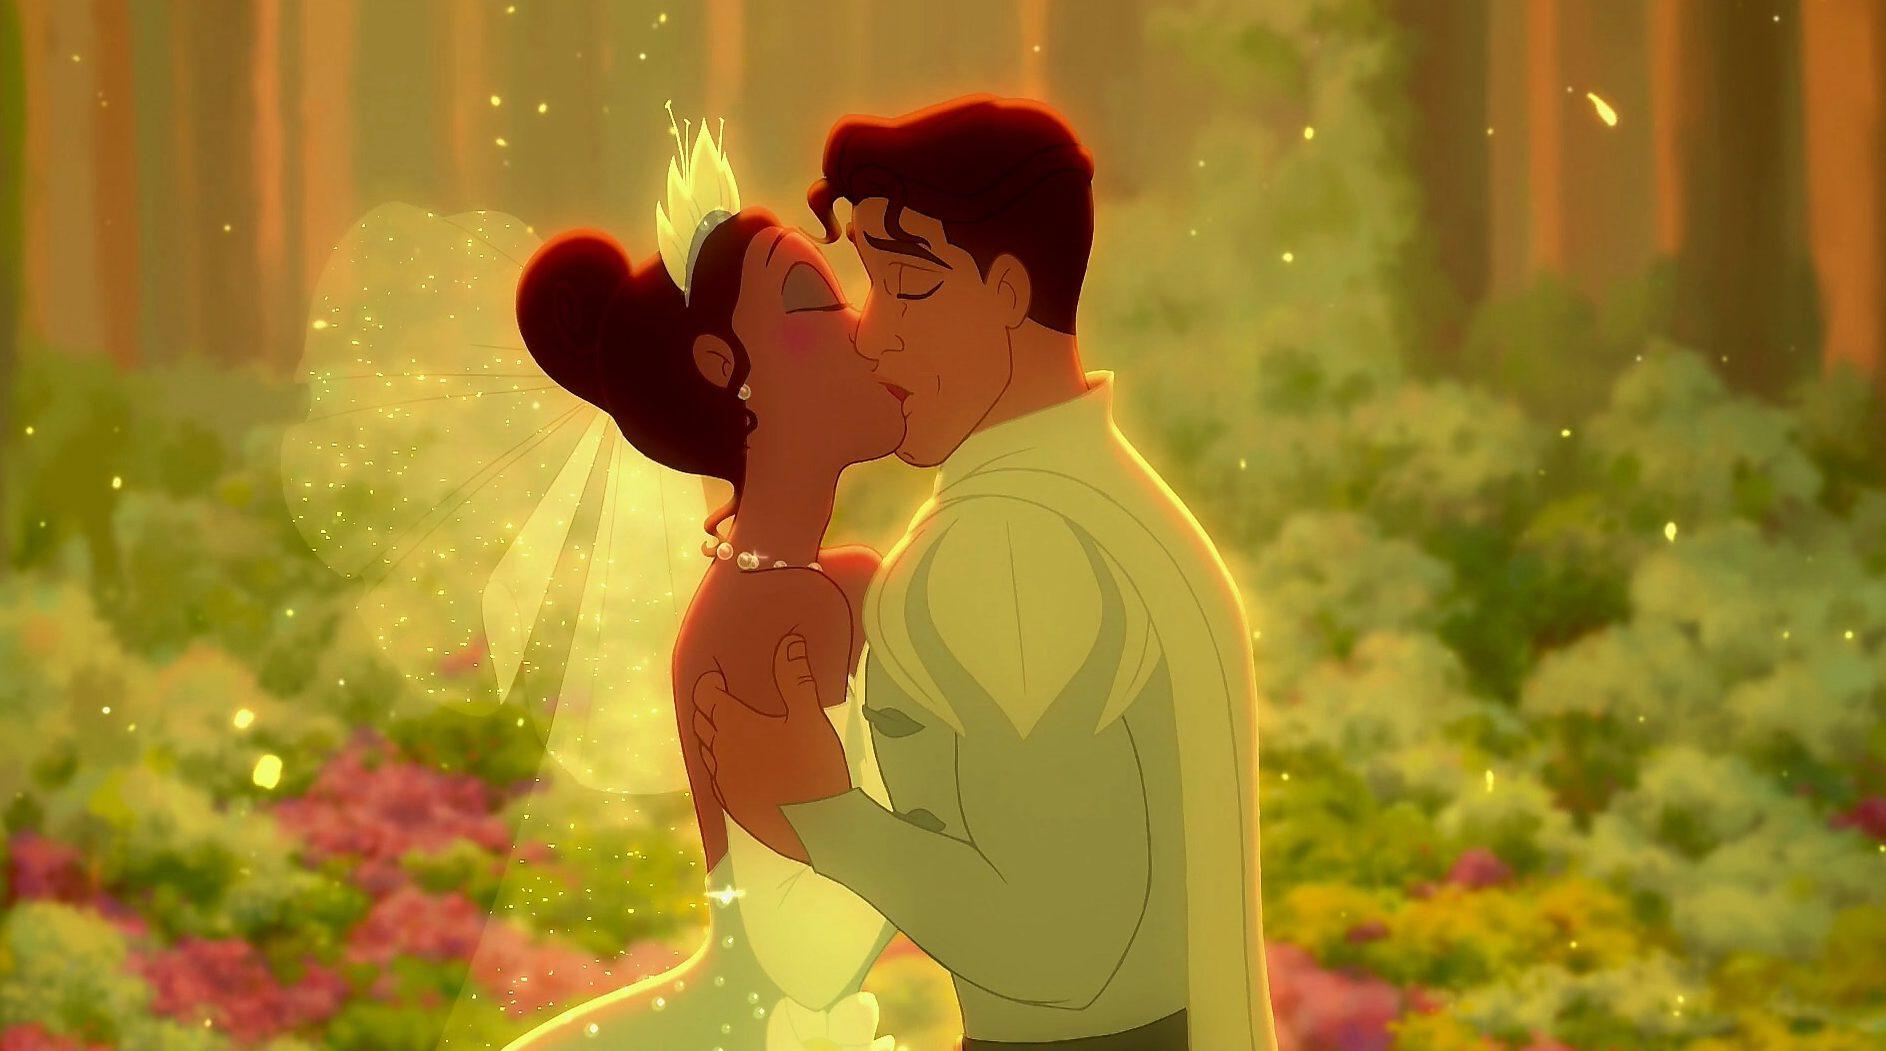 princess and the frog kiss wedding disney